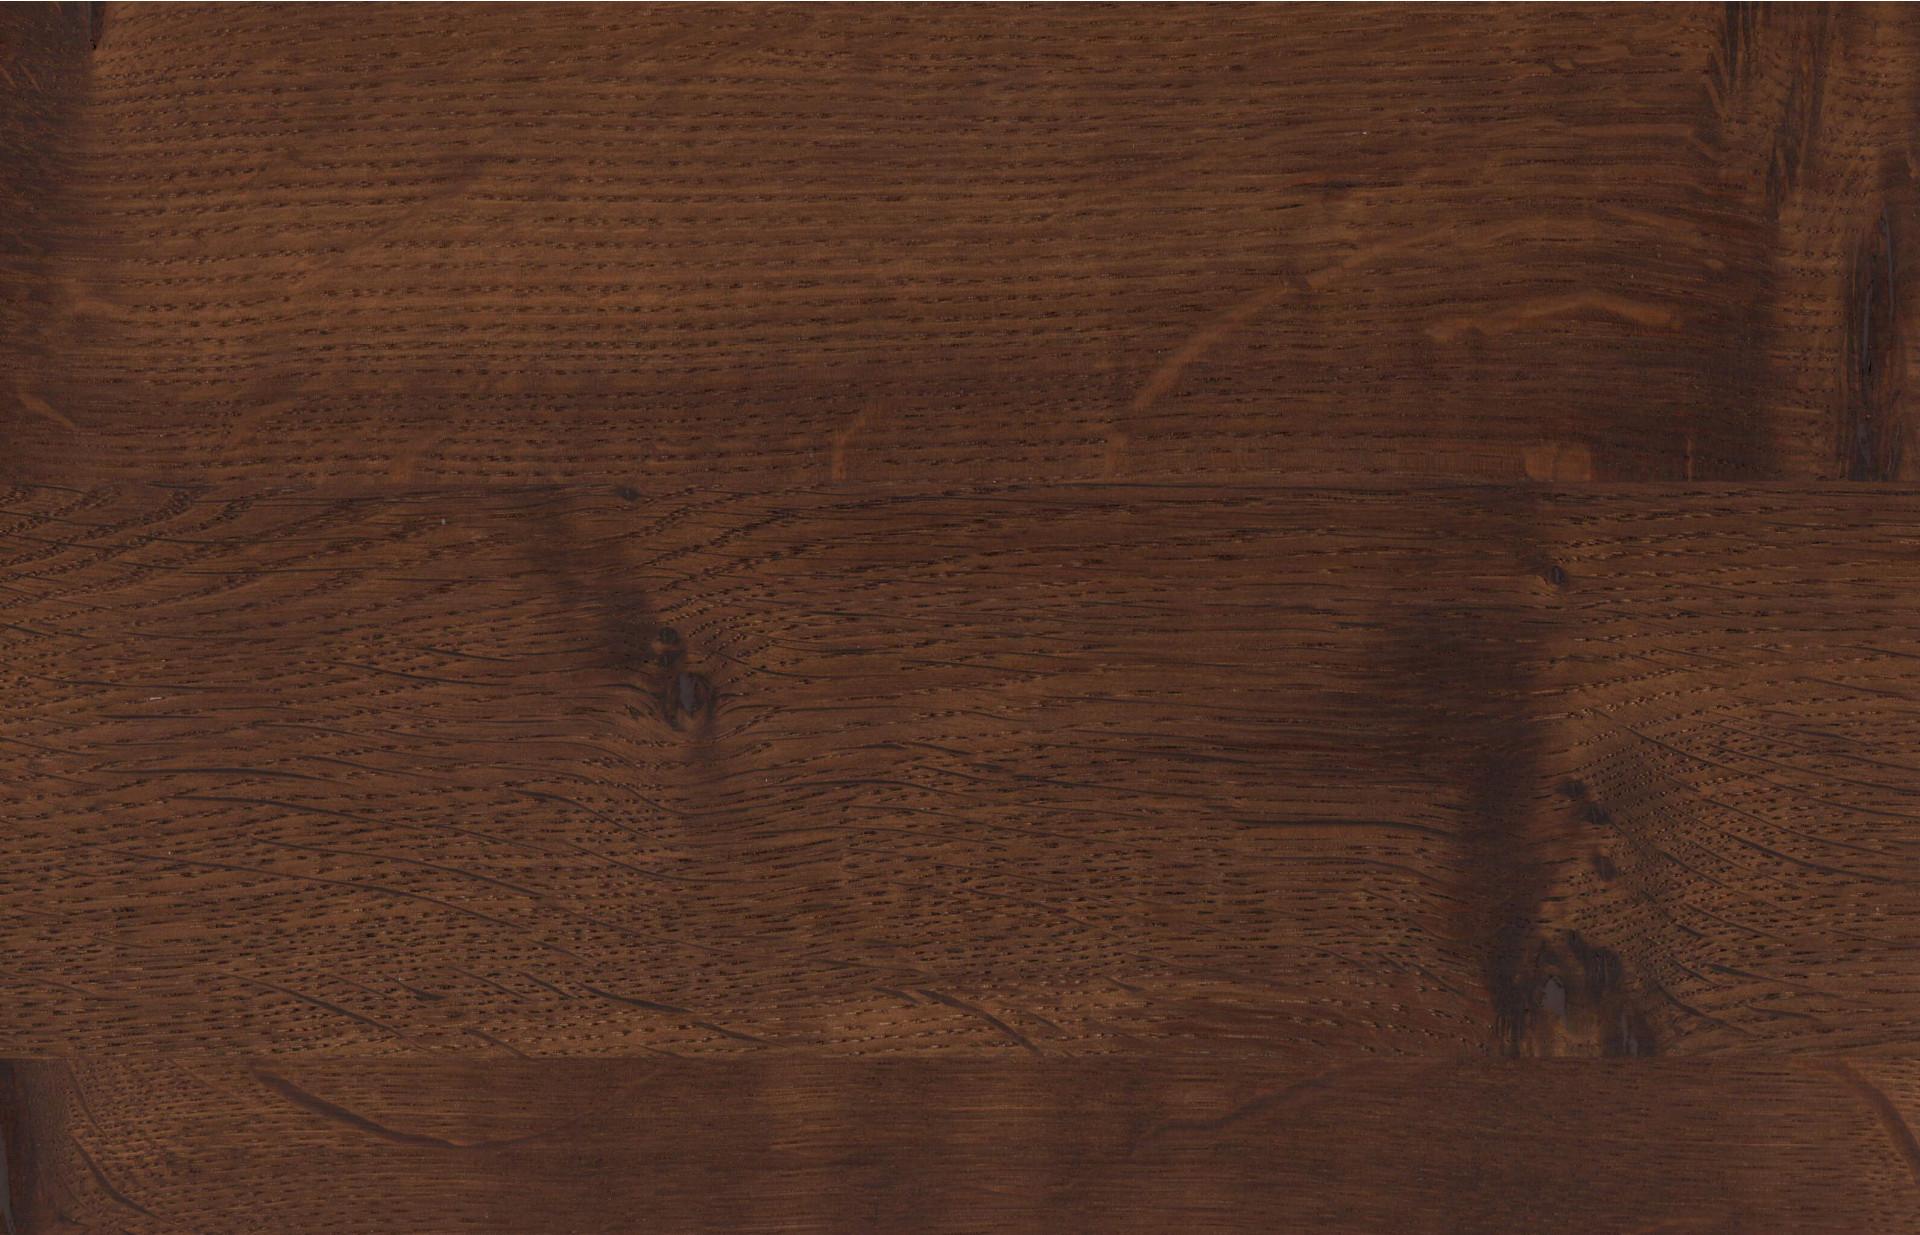 Holzmuster in Wildeiche geräuchert